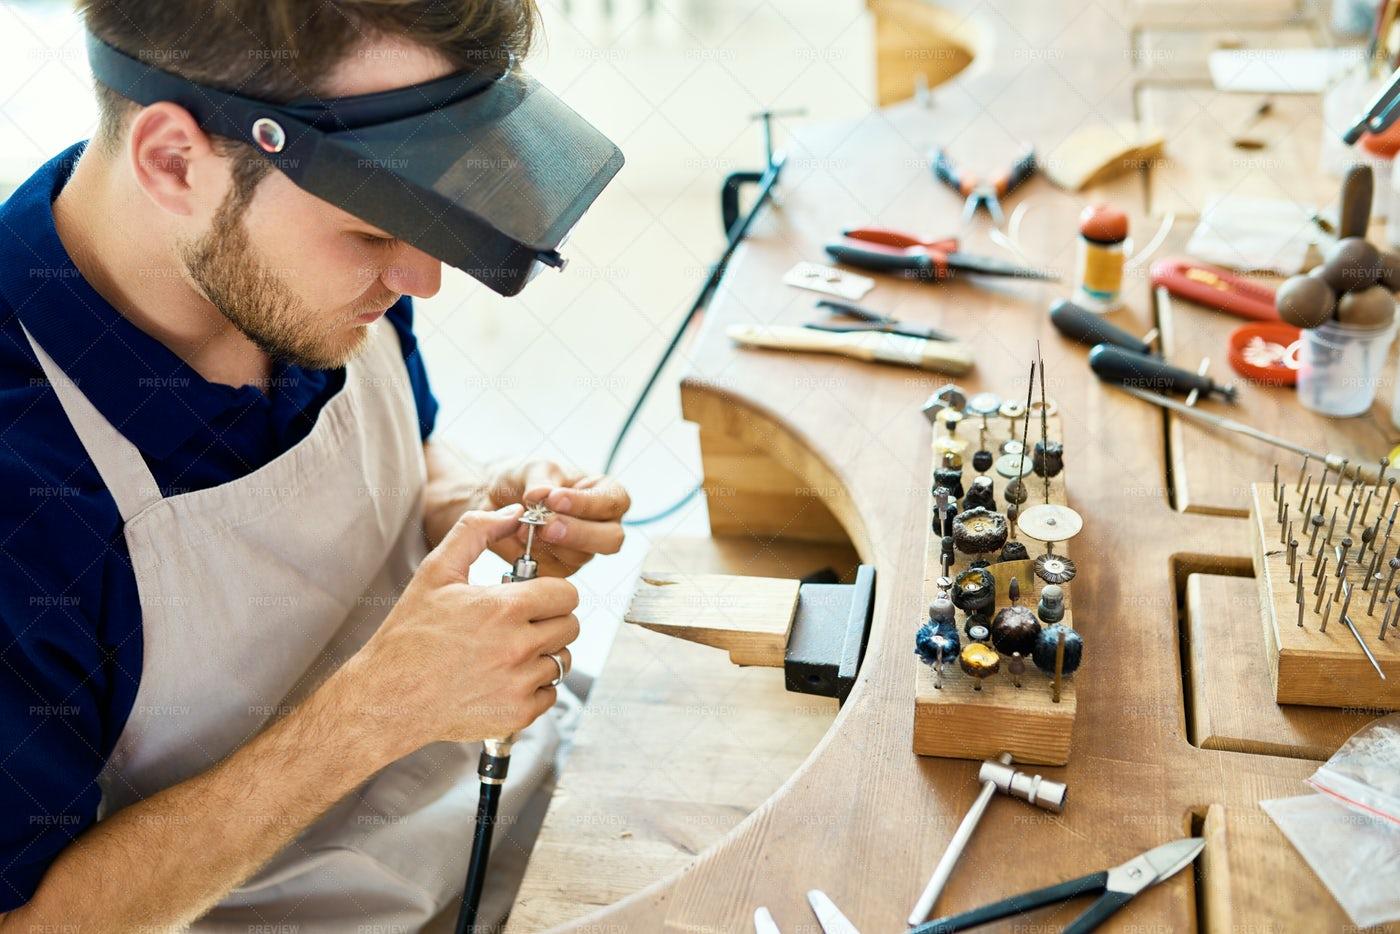 Artisan Making Rings In Workshop: Stock Photos